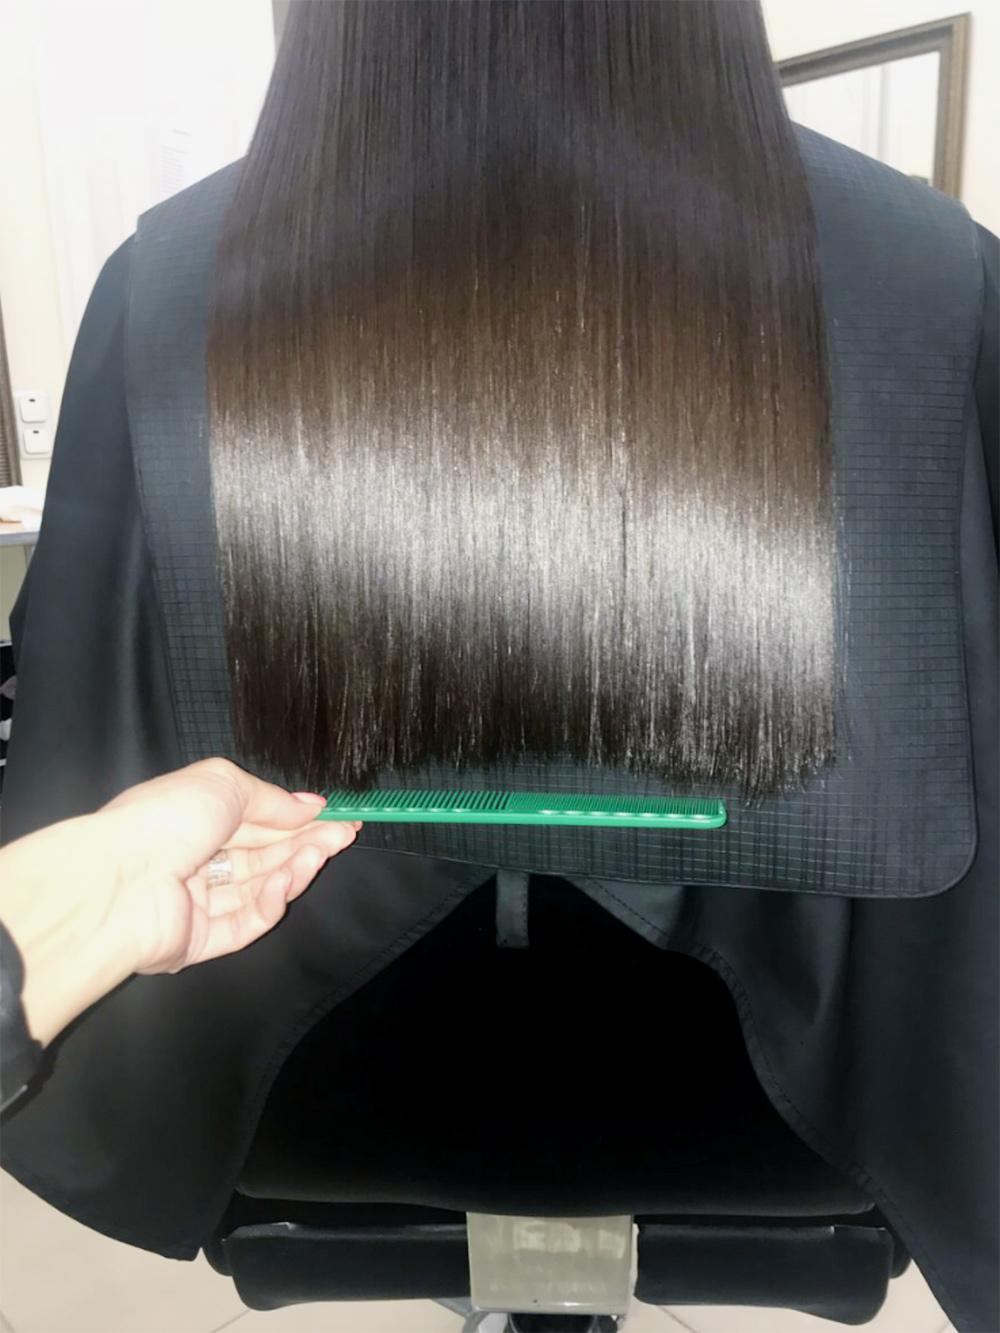 Это мои волосы после того, как их выпрямили на утюг, хотя я всегда стригу их прямым срезом